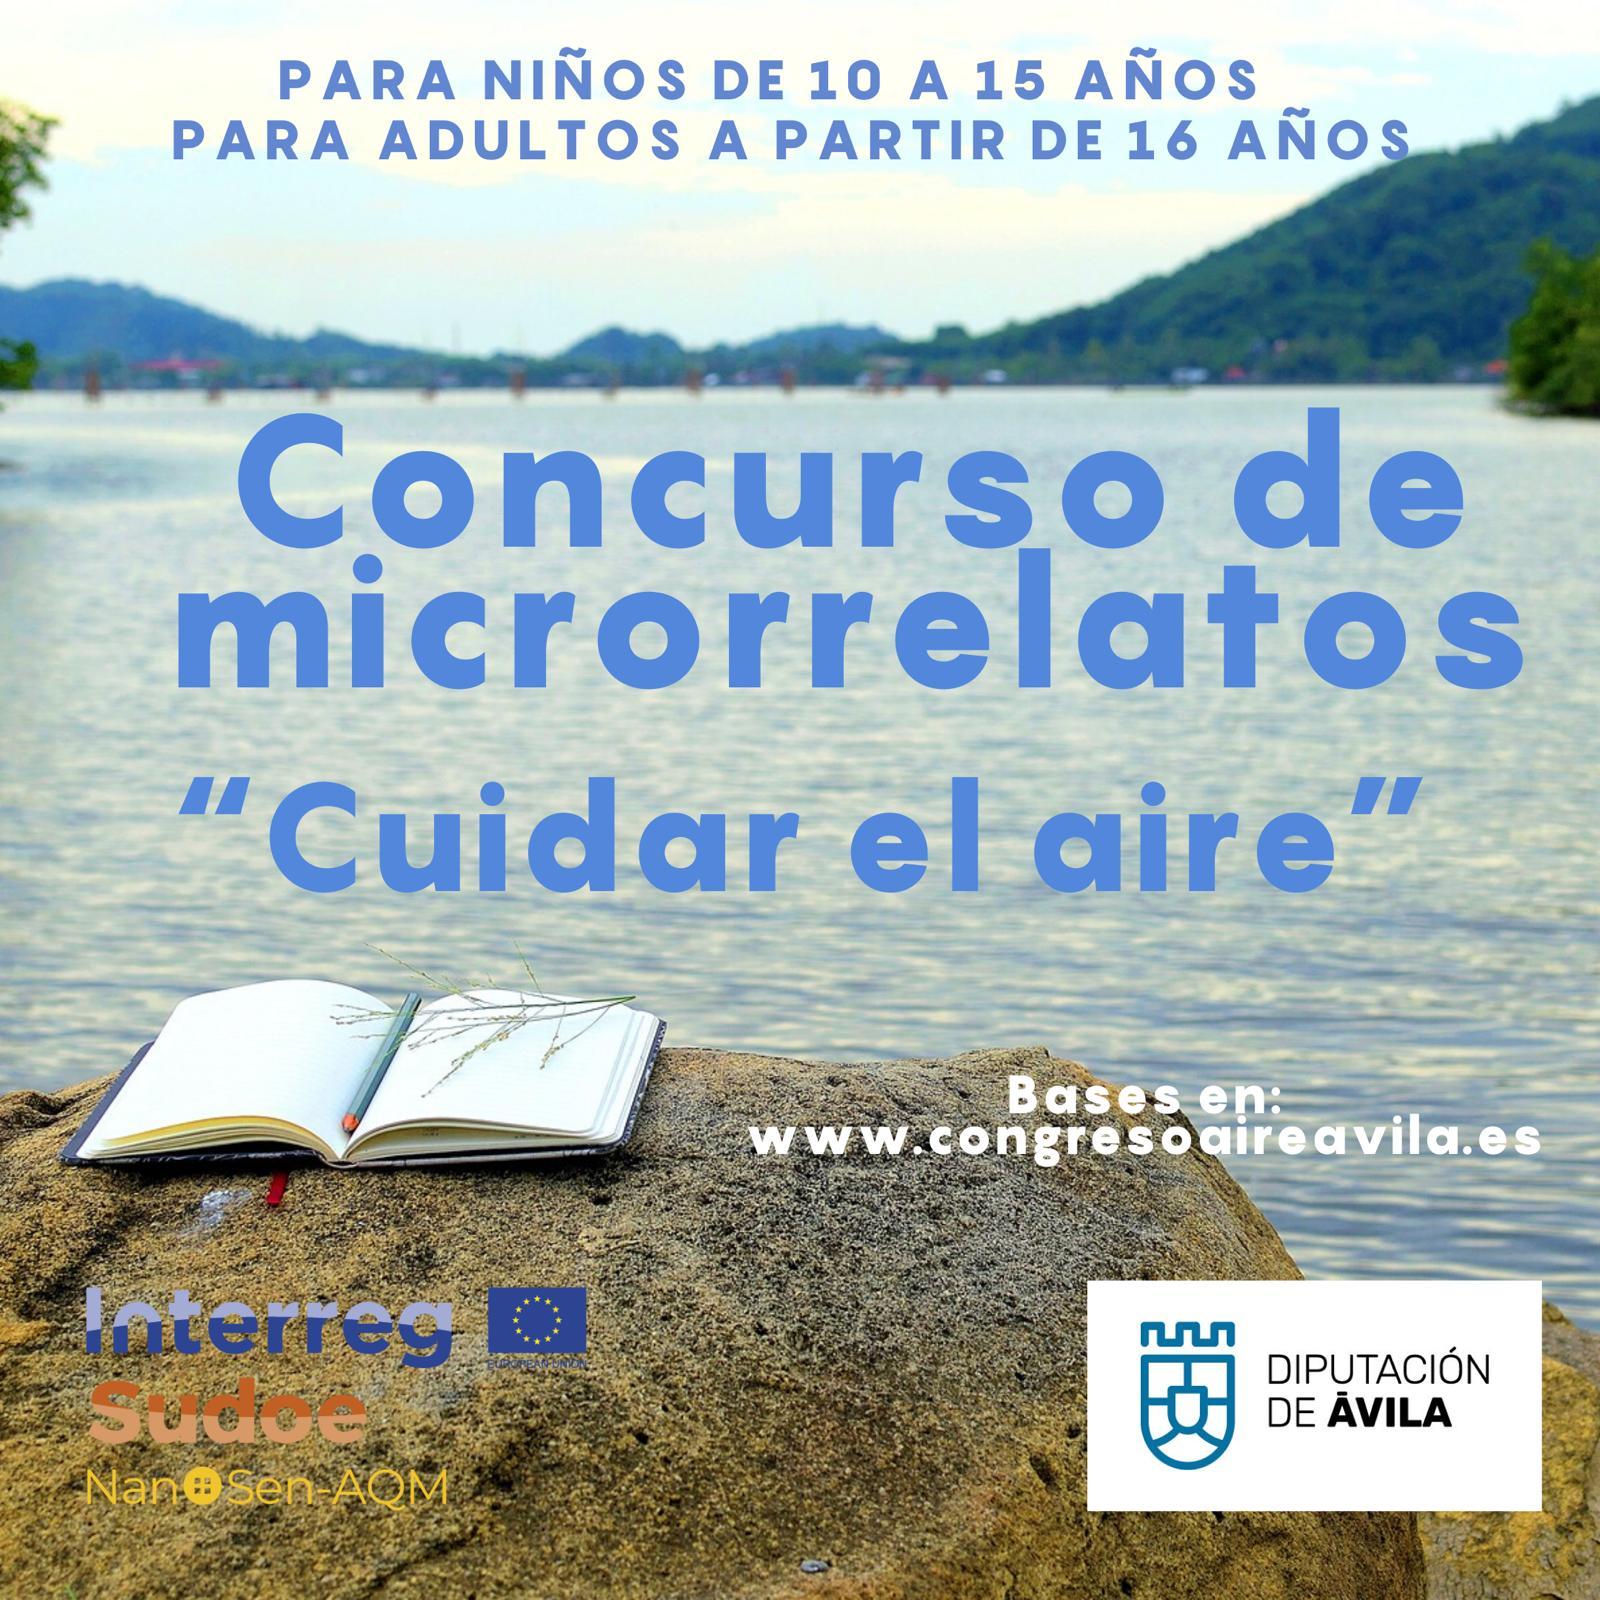 microrrelatos cuidar el aire